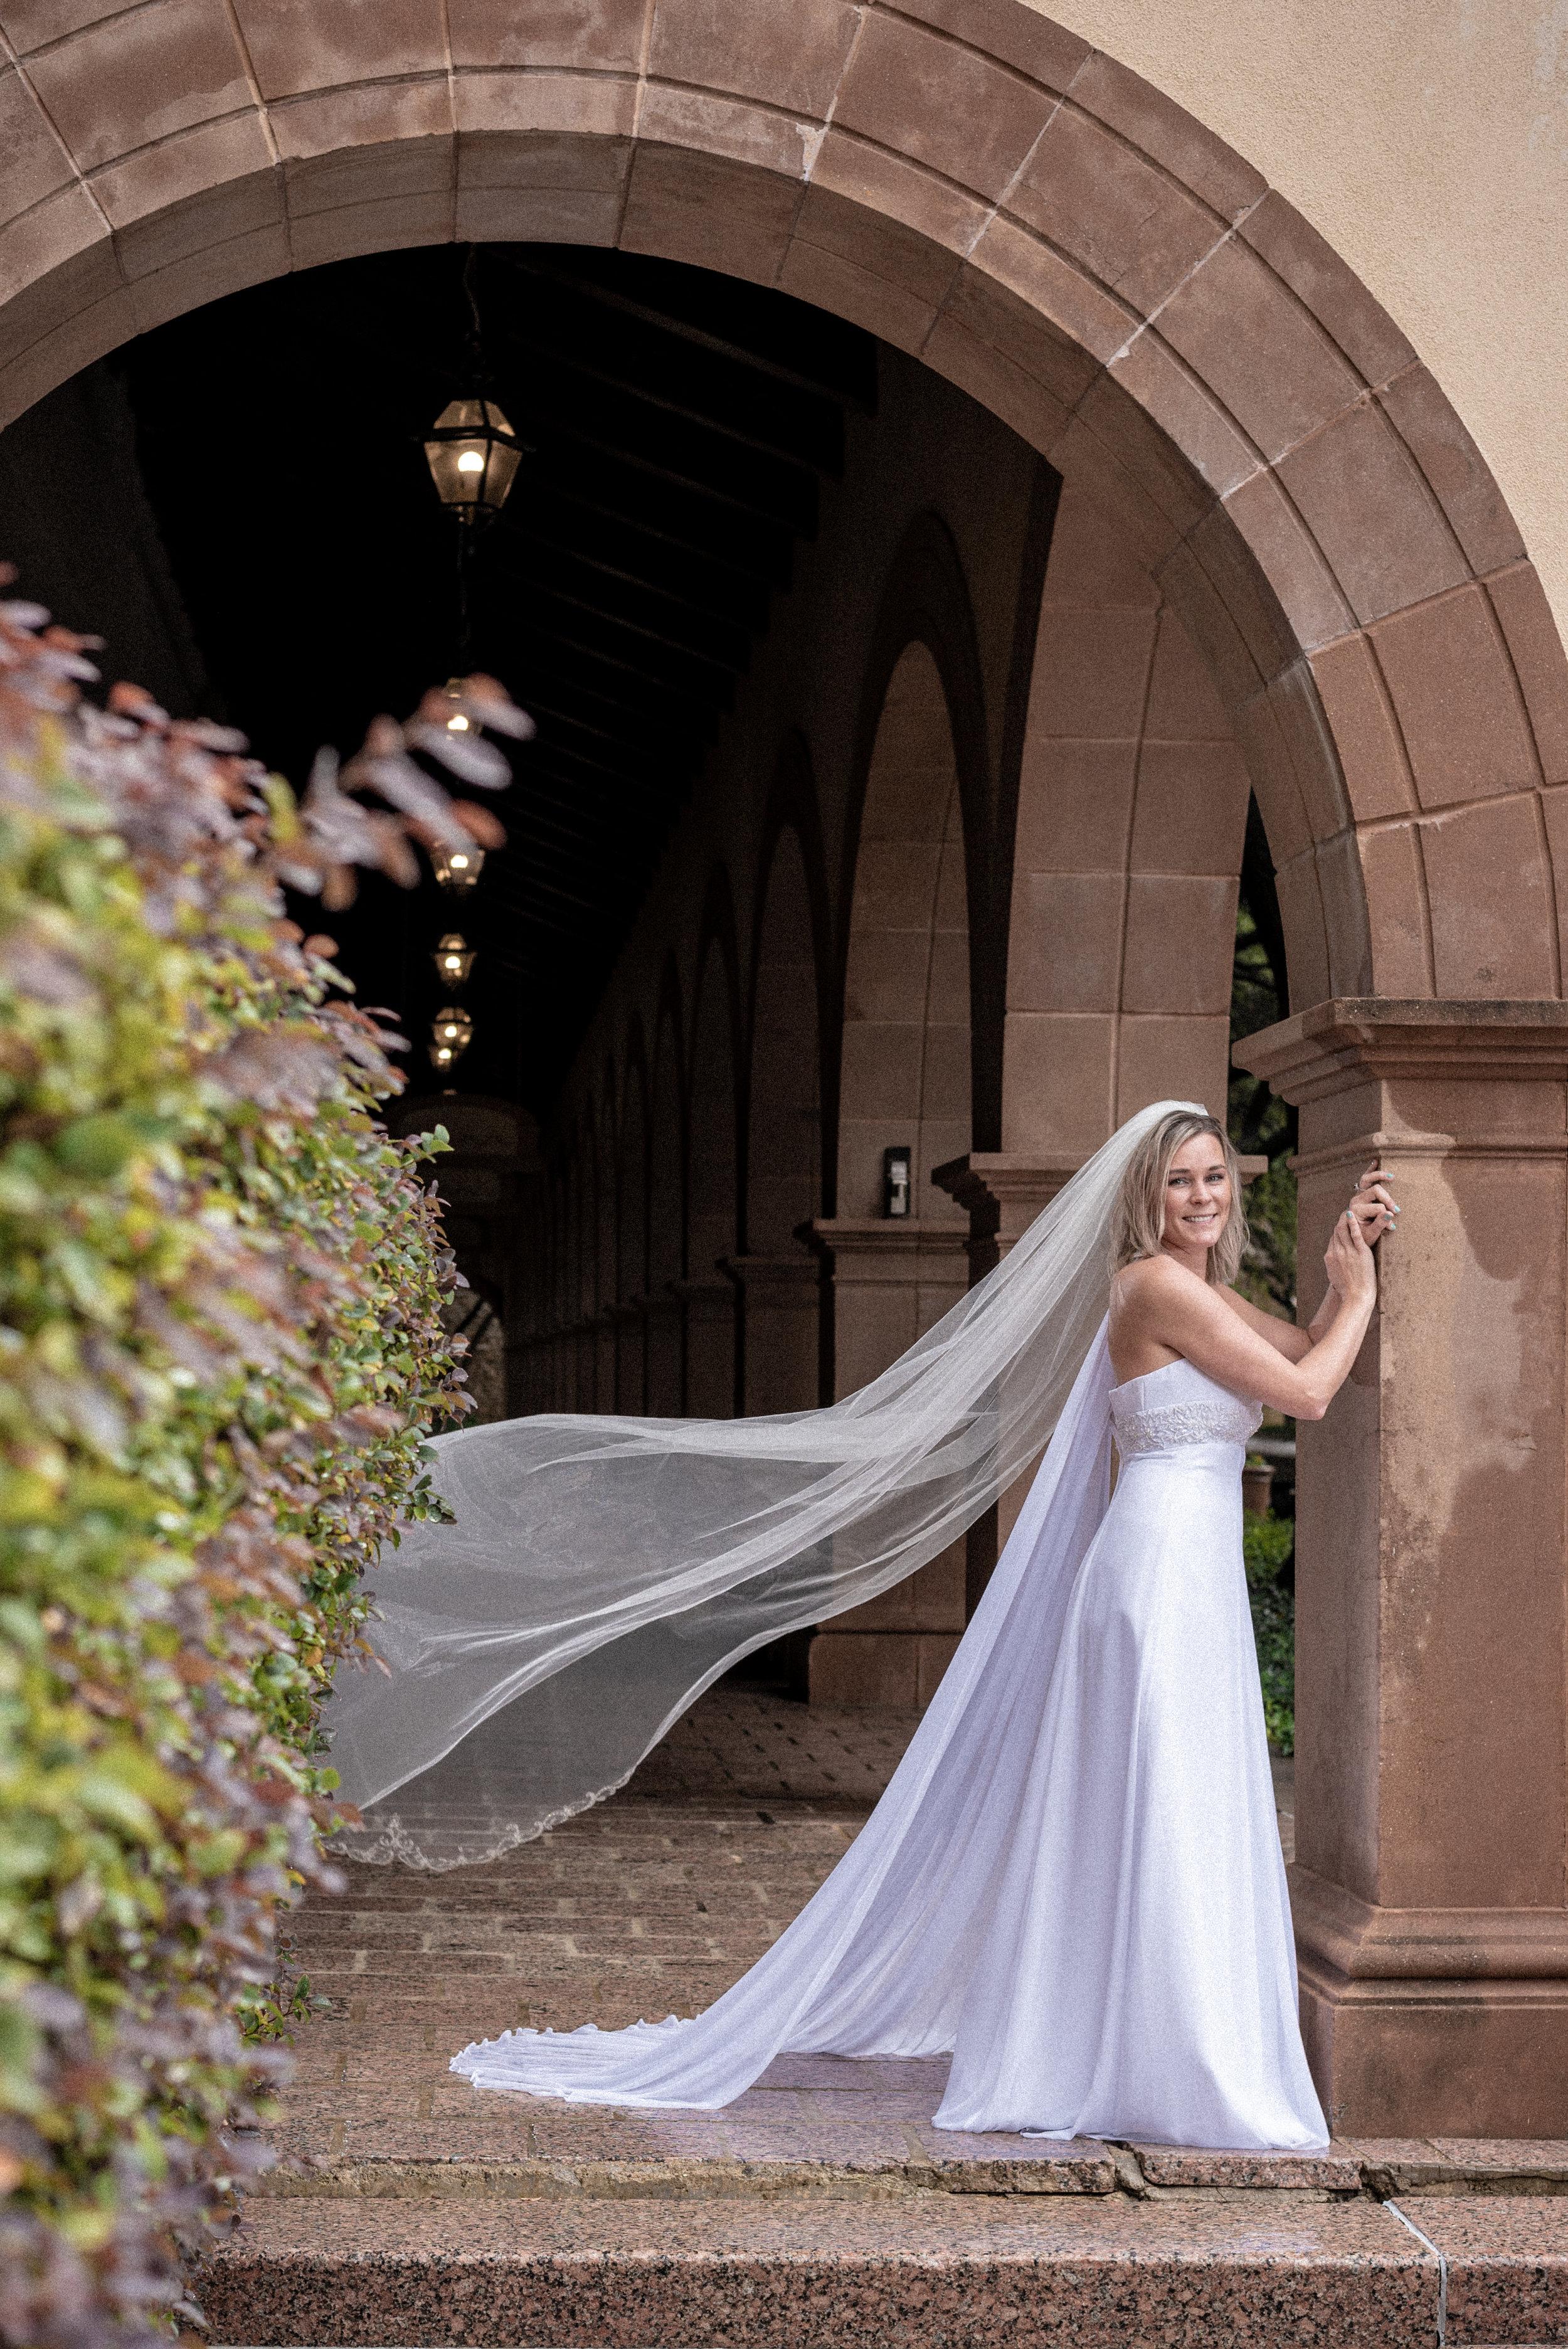 Wedding-Photographer-Dallas-Terry-McCranie-Sallee-Workshop-3.jpg